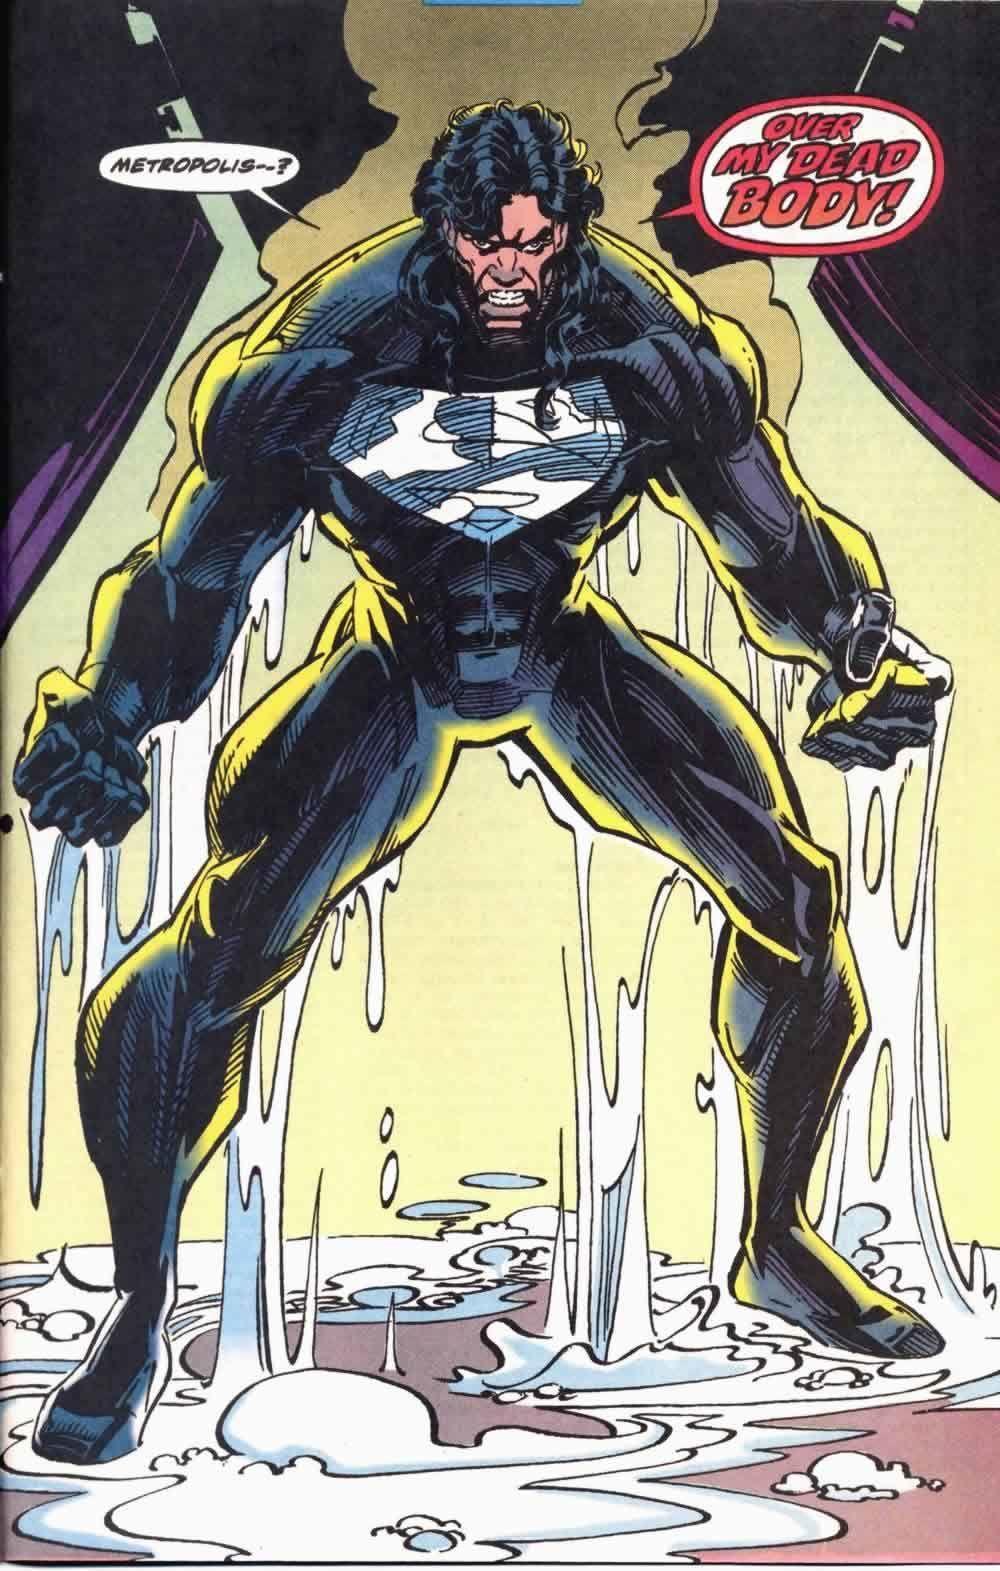 Man of Steel #25 (Written by Louise Simonson, Pencils by Jon Bogdanove)